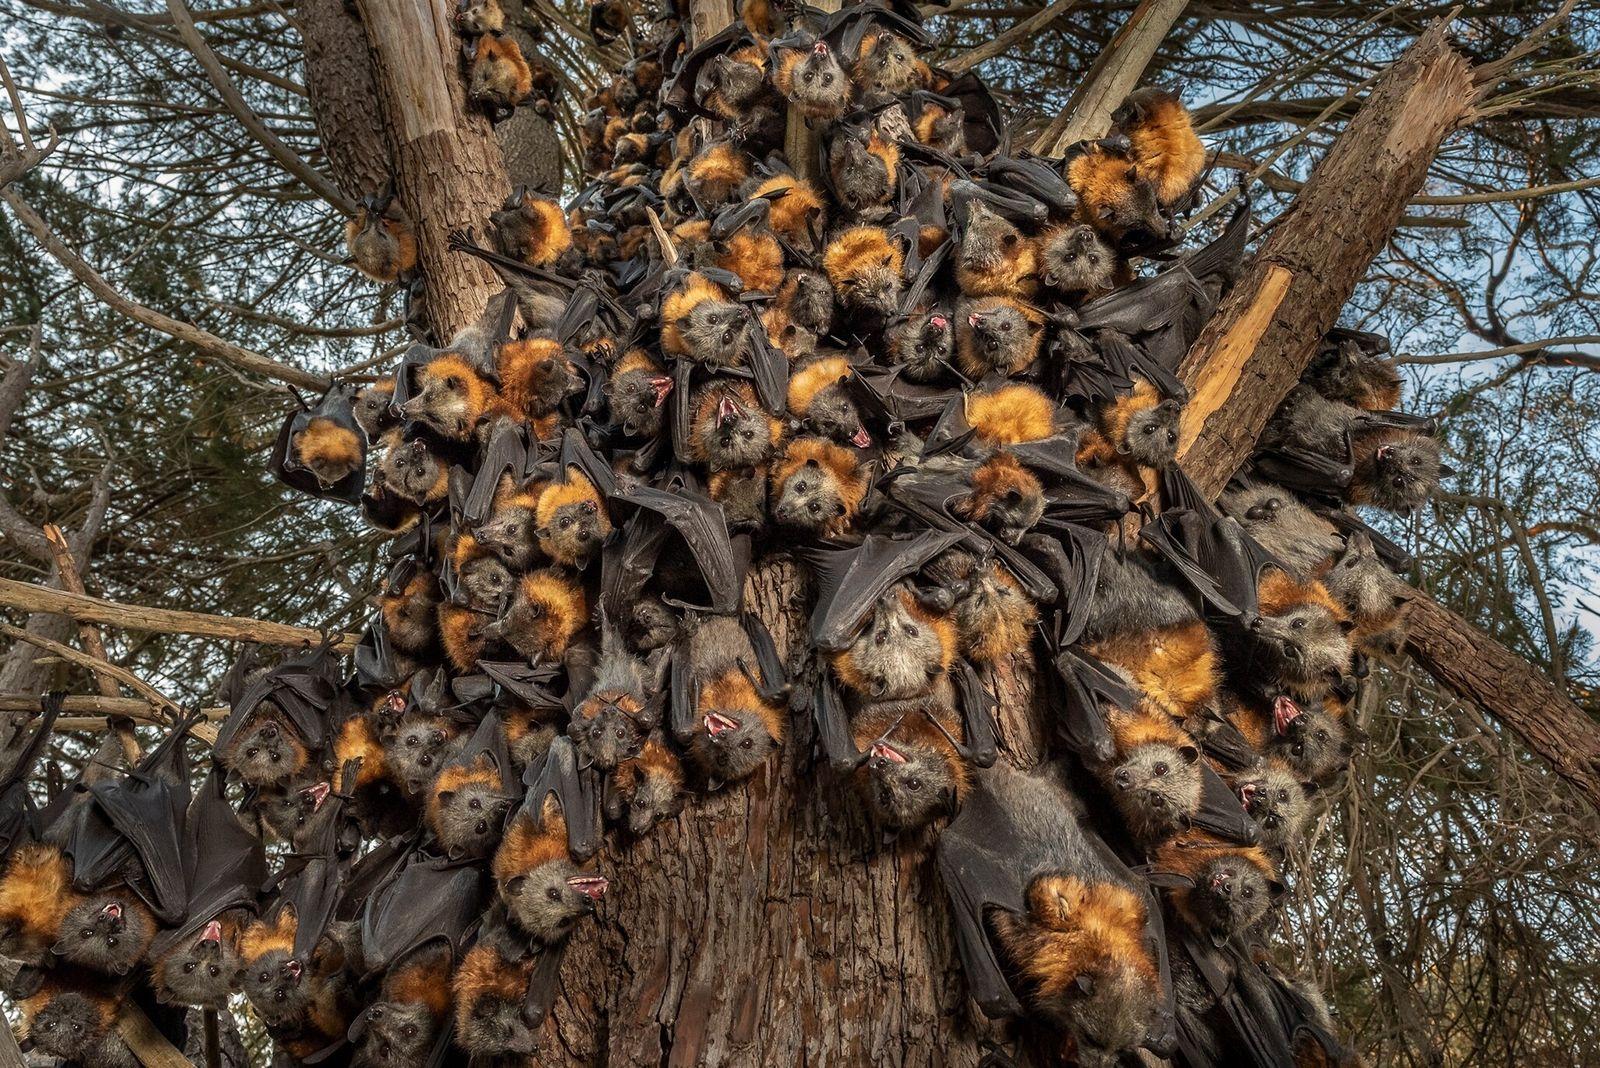 Fotografía de zorros voladores de cabeza gris